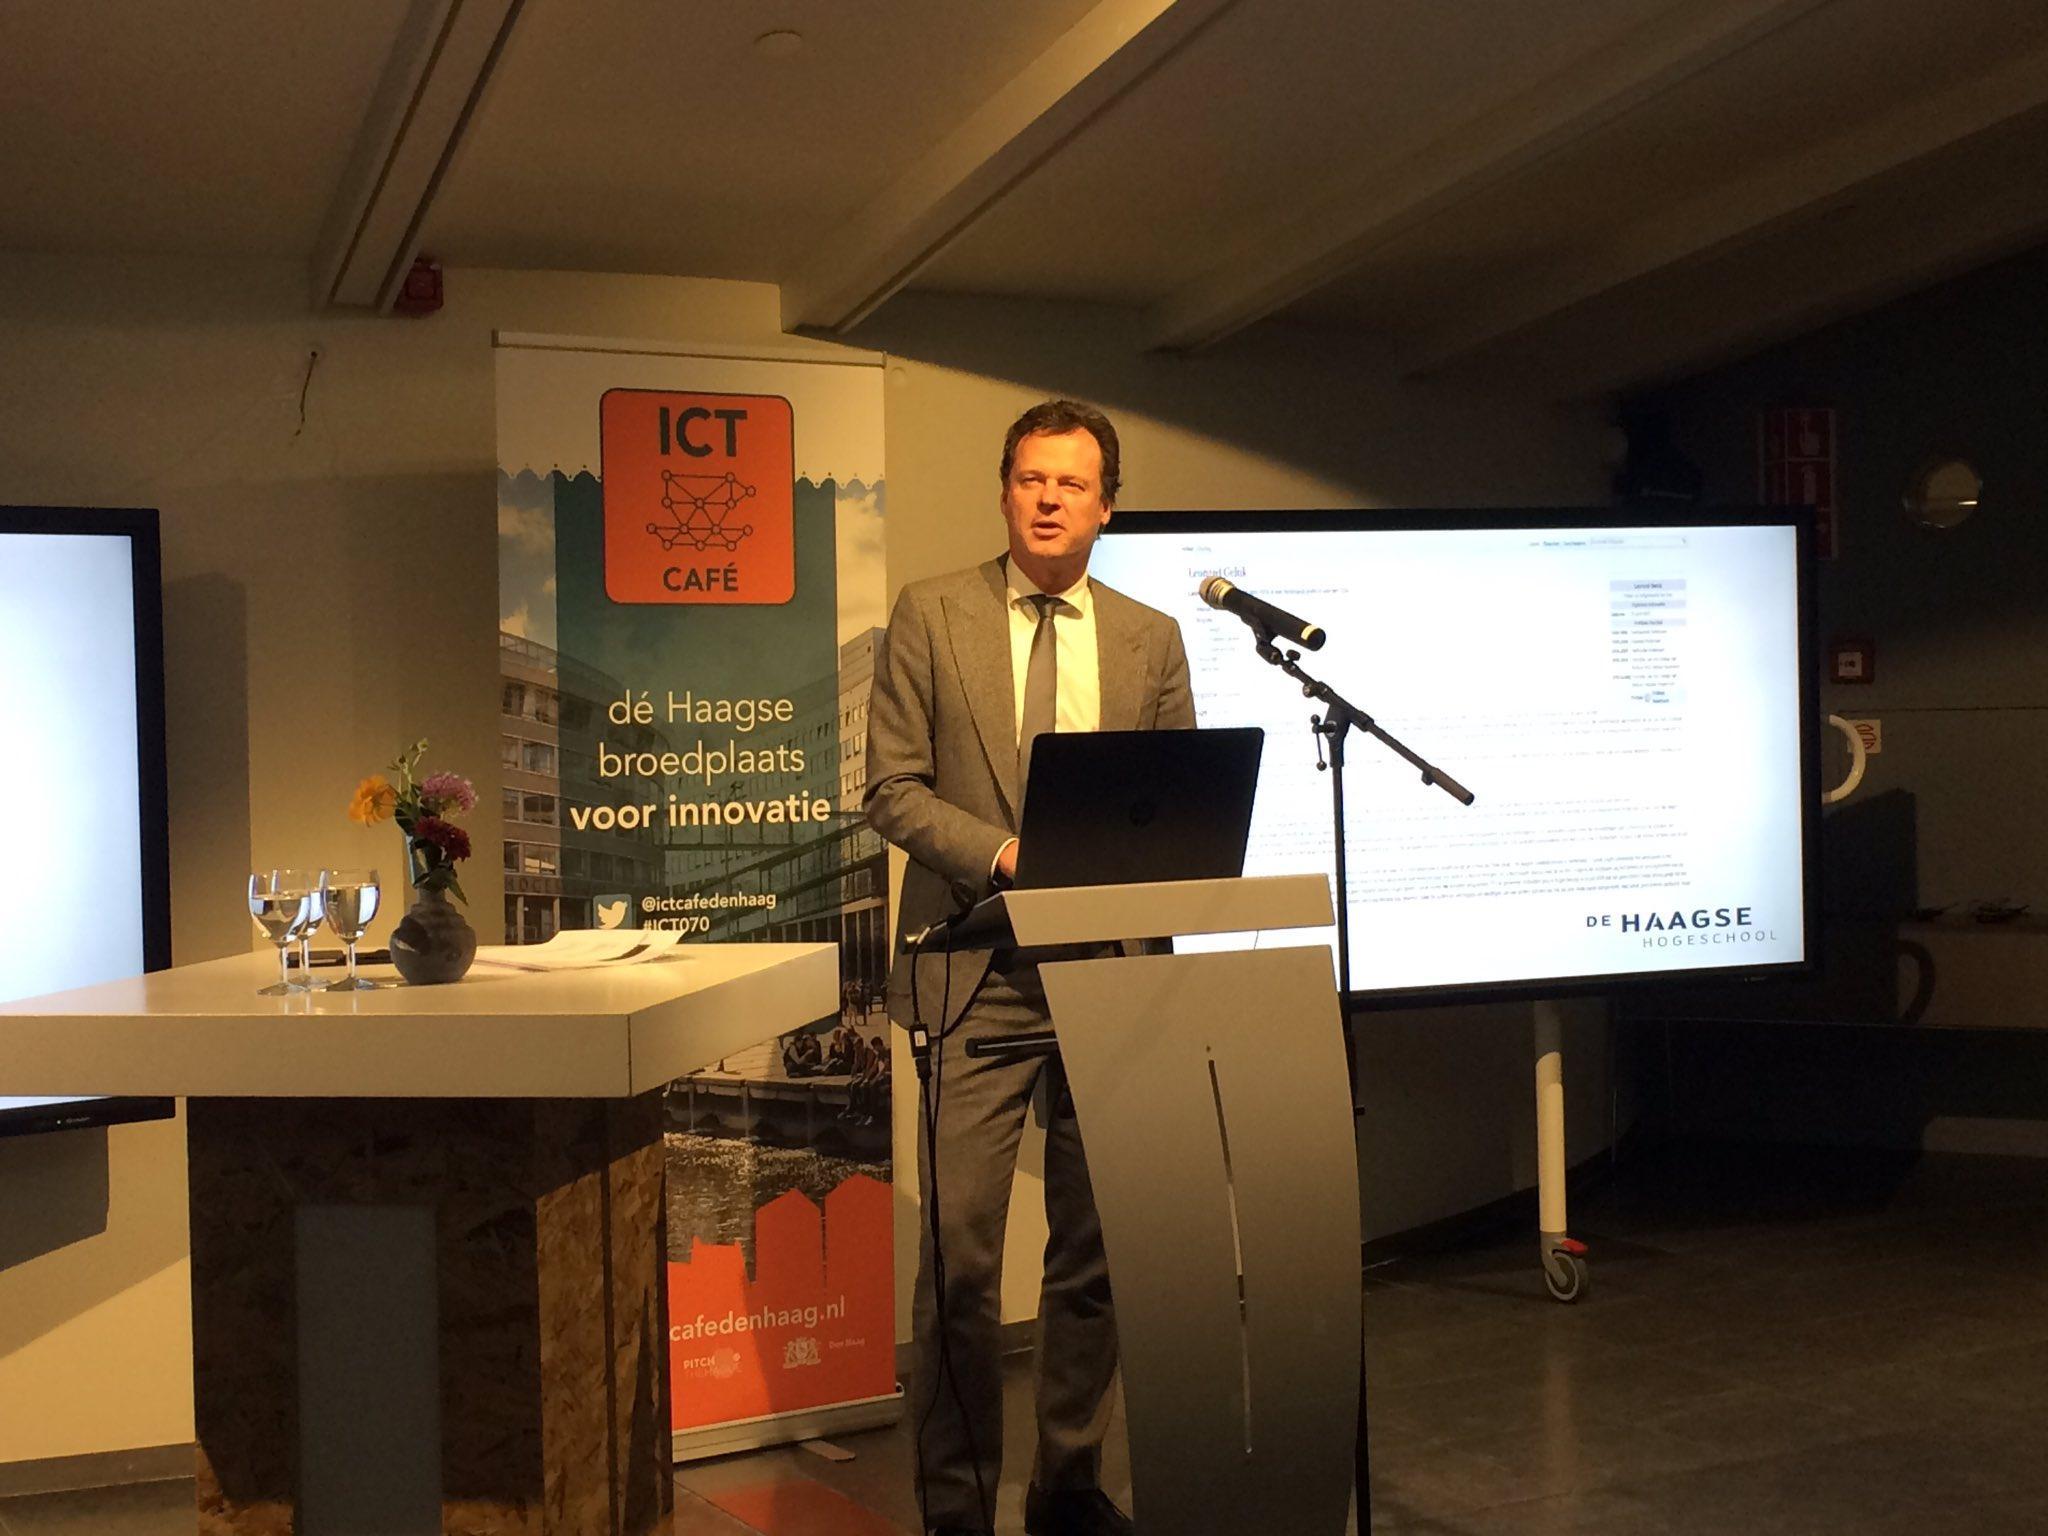 Gastheer @GelukLeonard is blij dat we elkaar vandaag treffen: 'Om #DenHaag voor te bereiden op de toekomst is samenwerking nodig.' #ICT070 https://t.co/ryNYMWgFtC